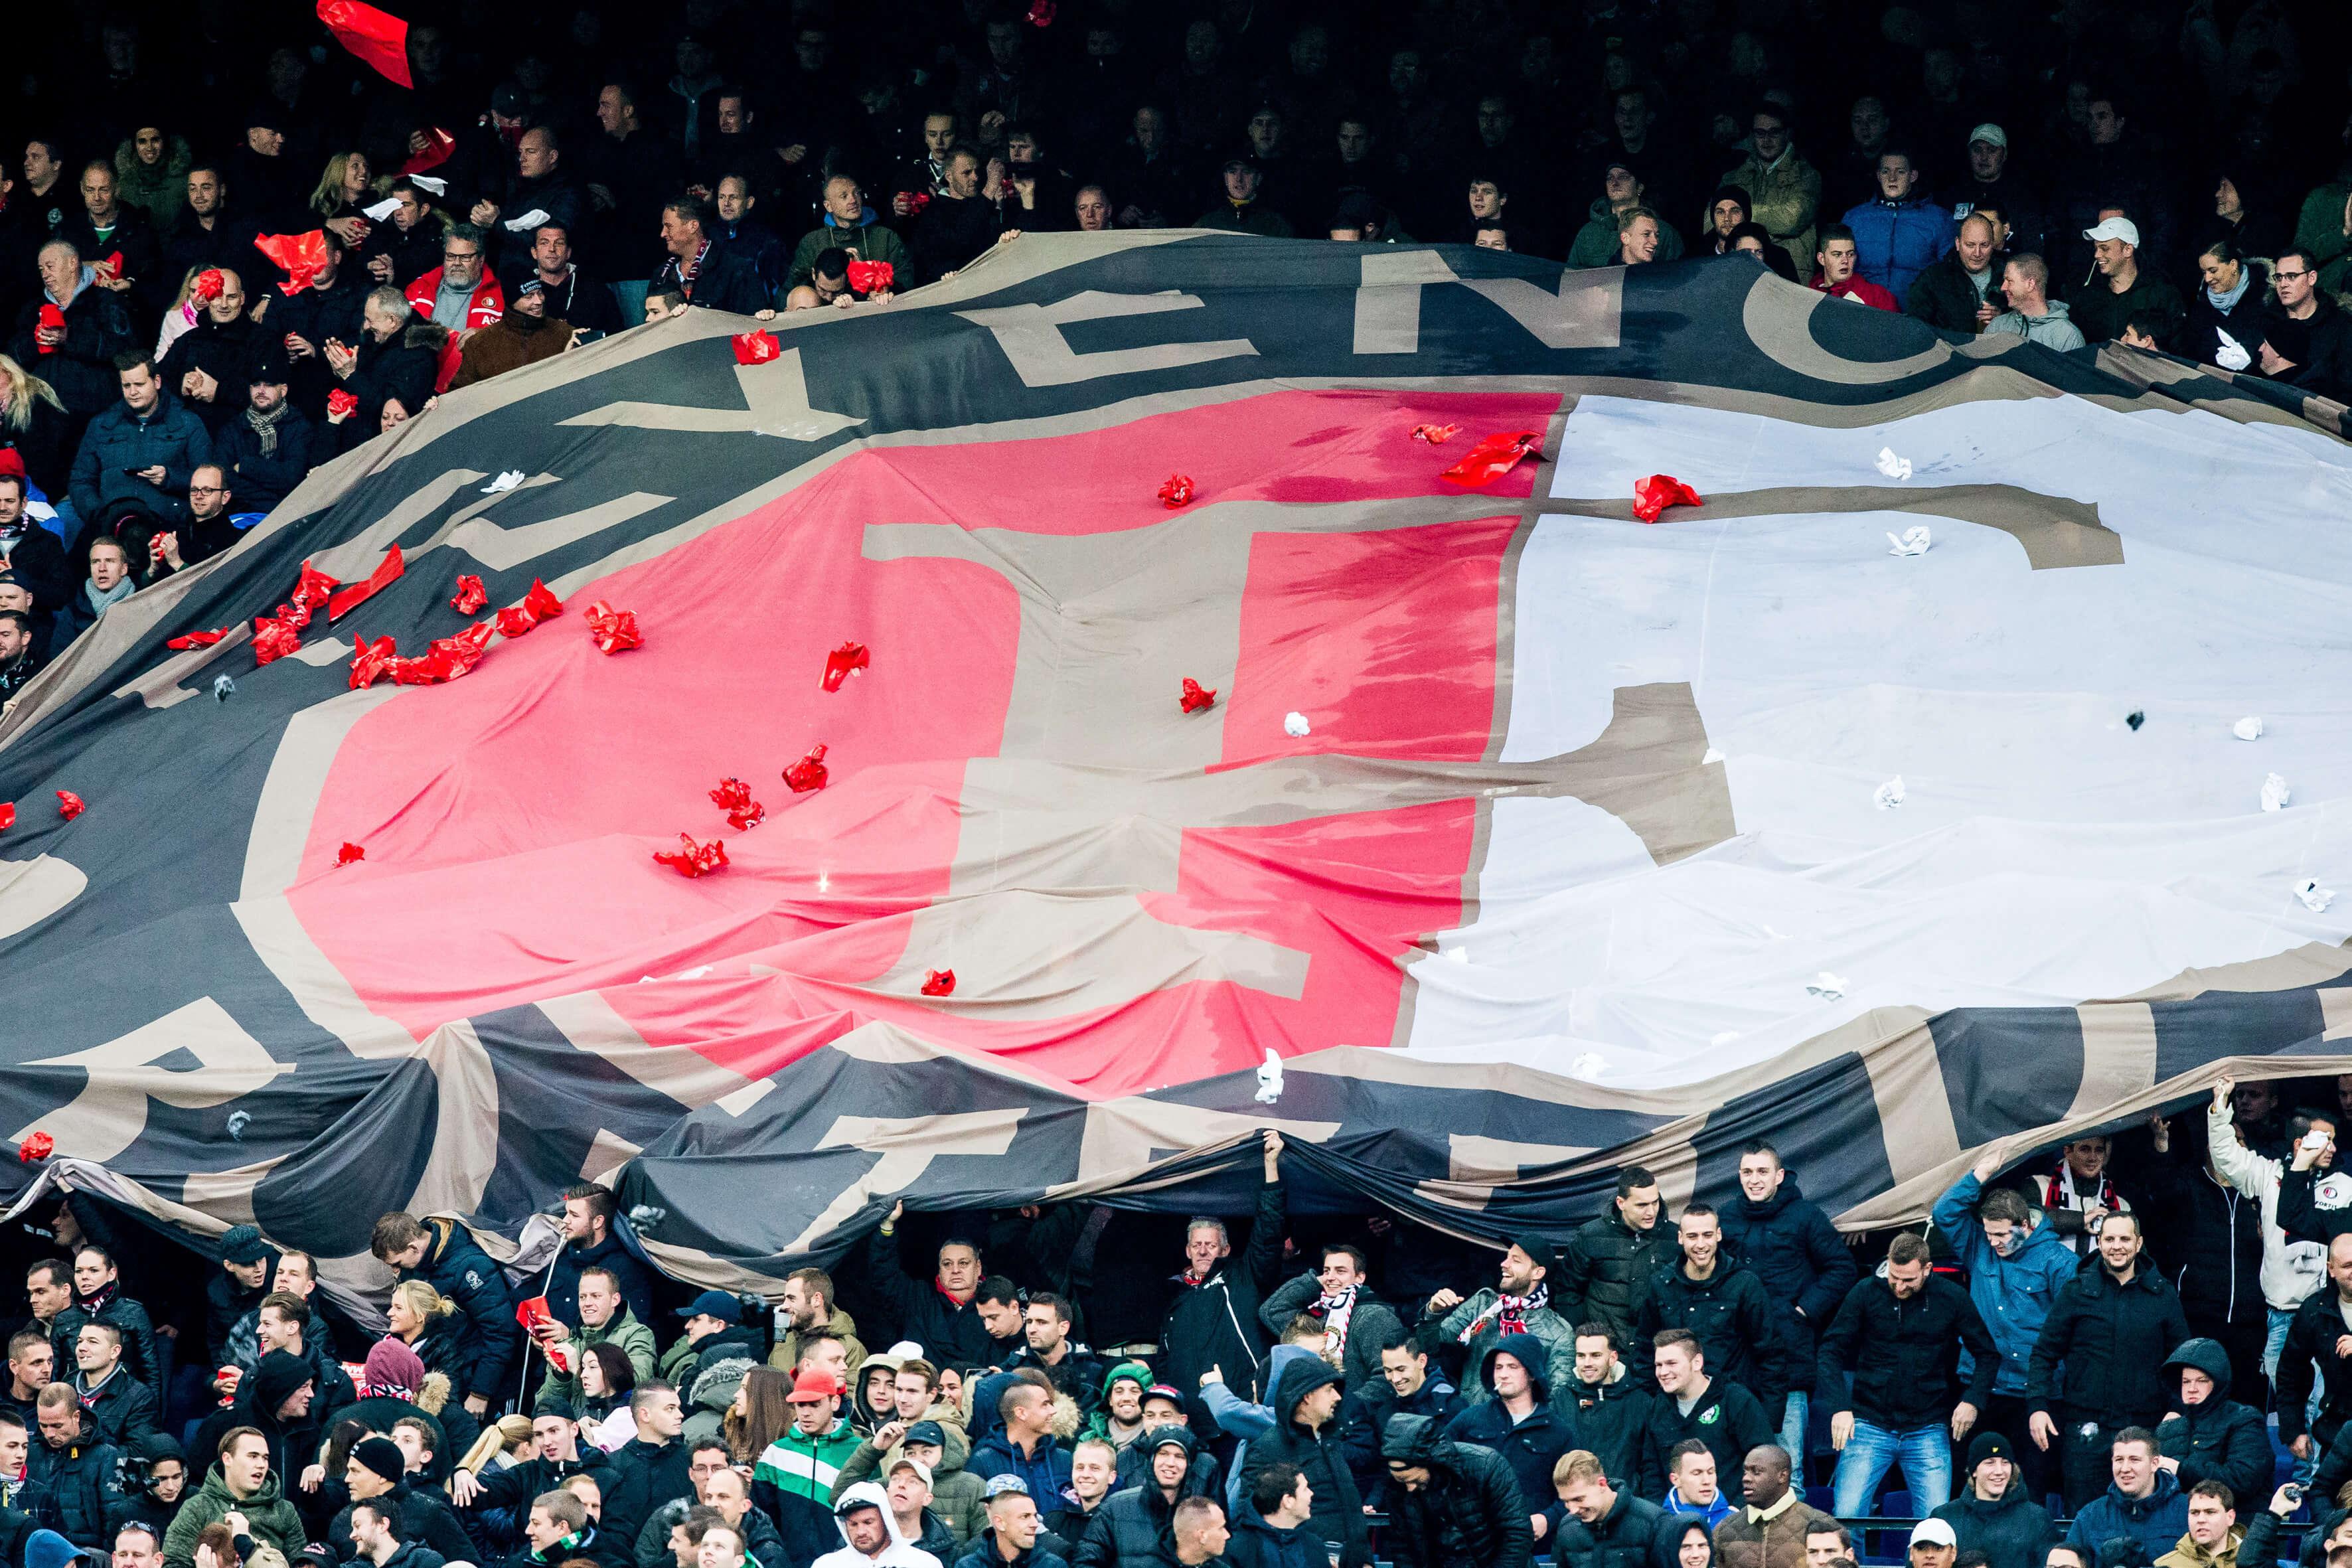 Vijf Eredivisie-duels van Feyenoord krijgen ander aanvangstijdstip; image source: Pro Shots